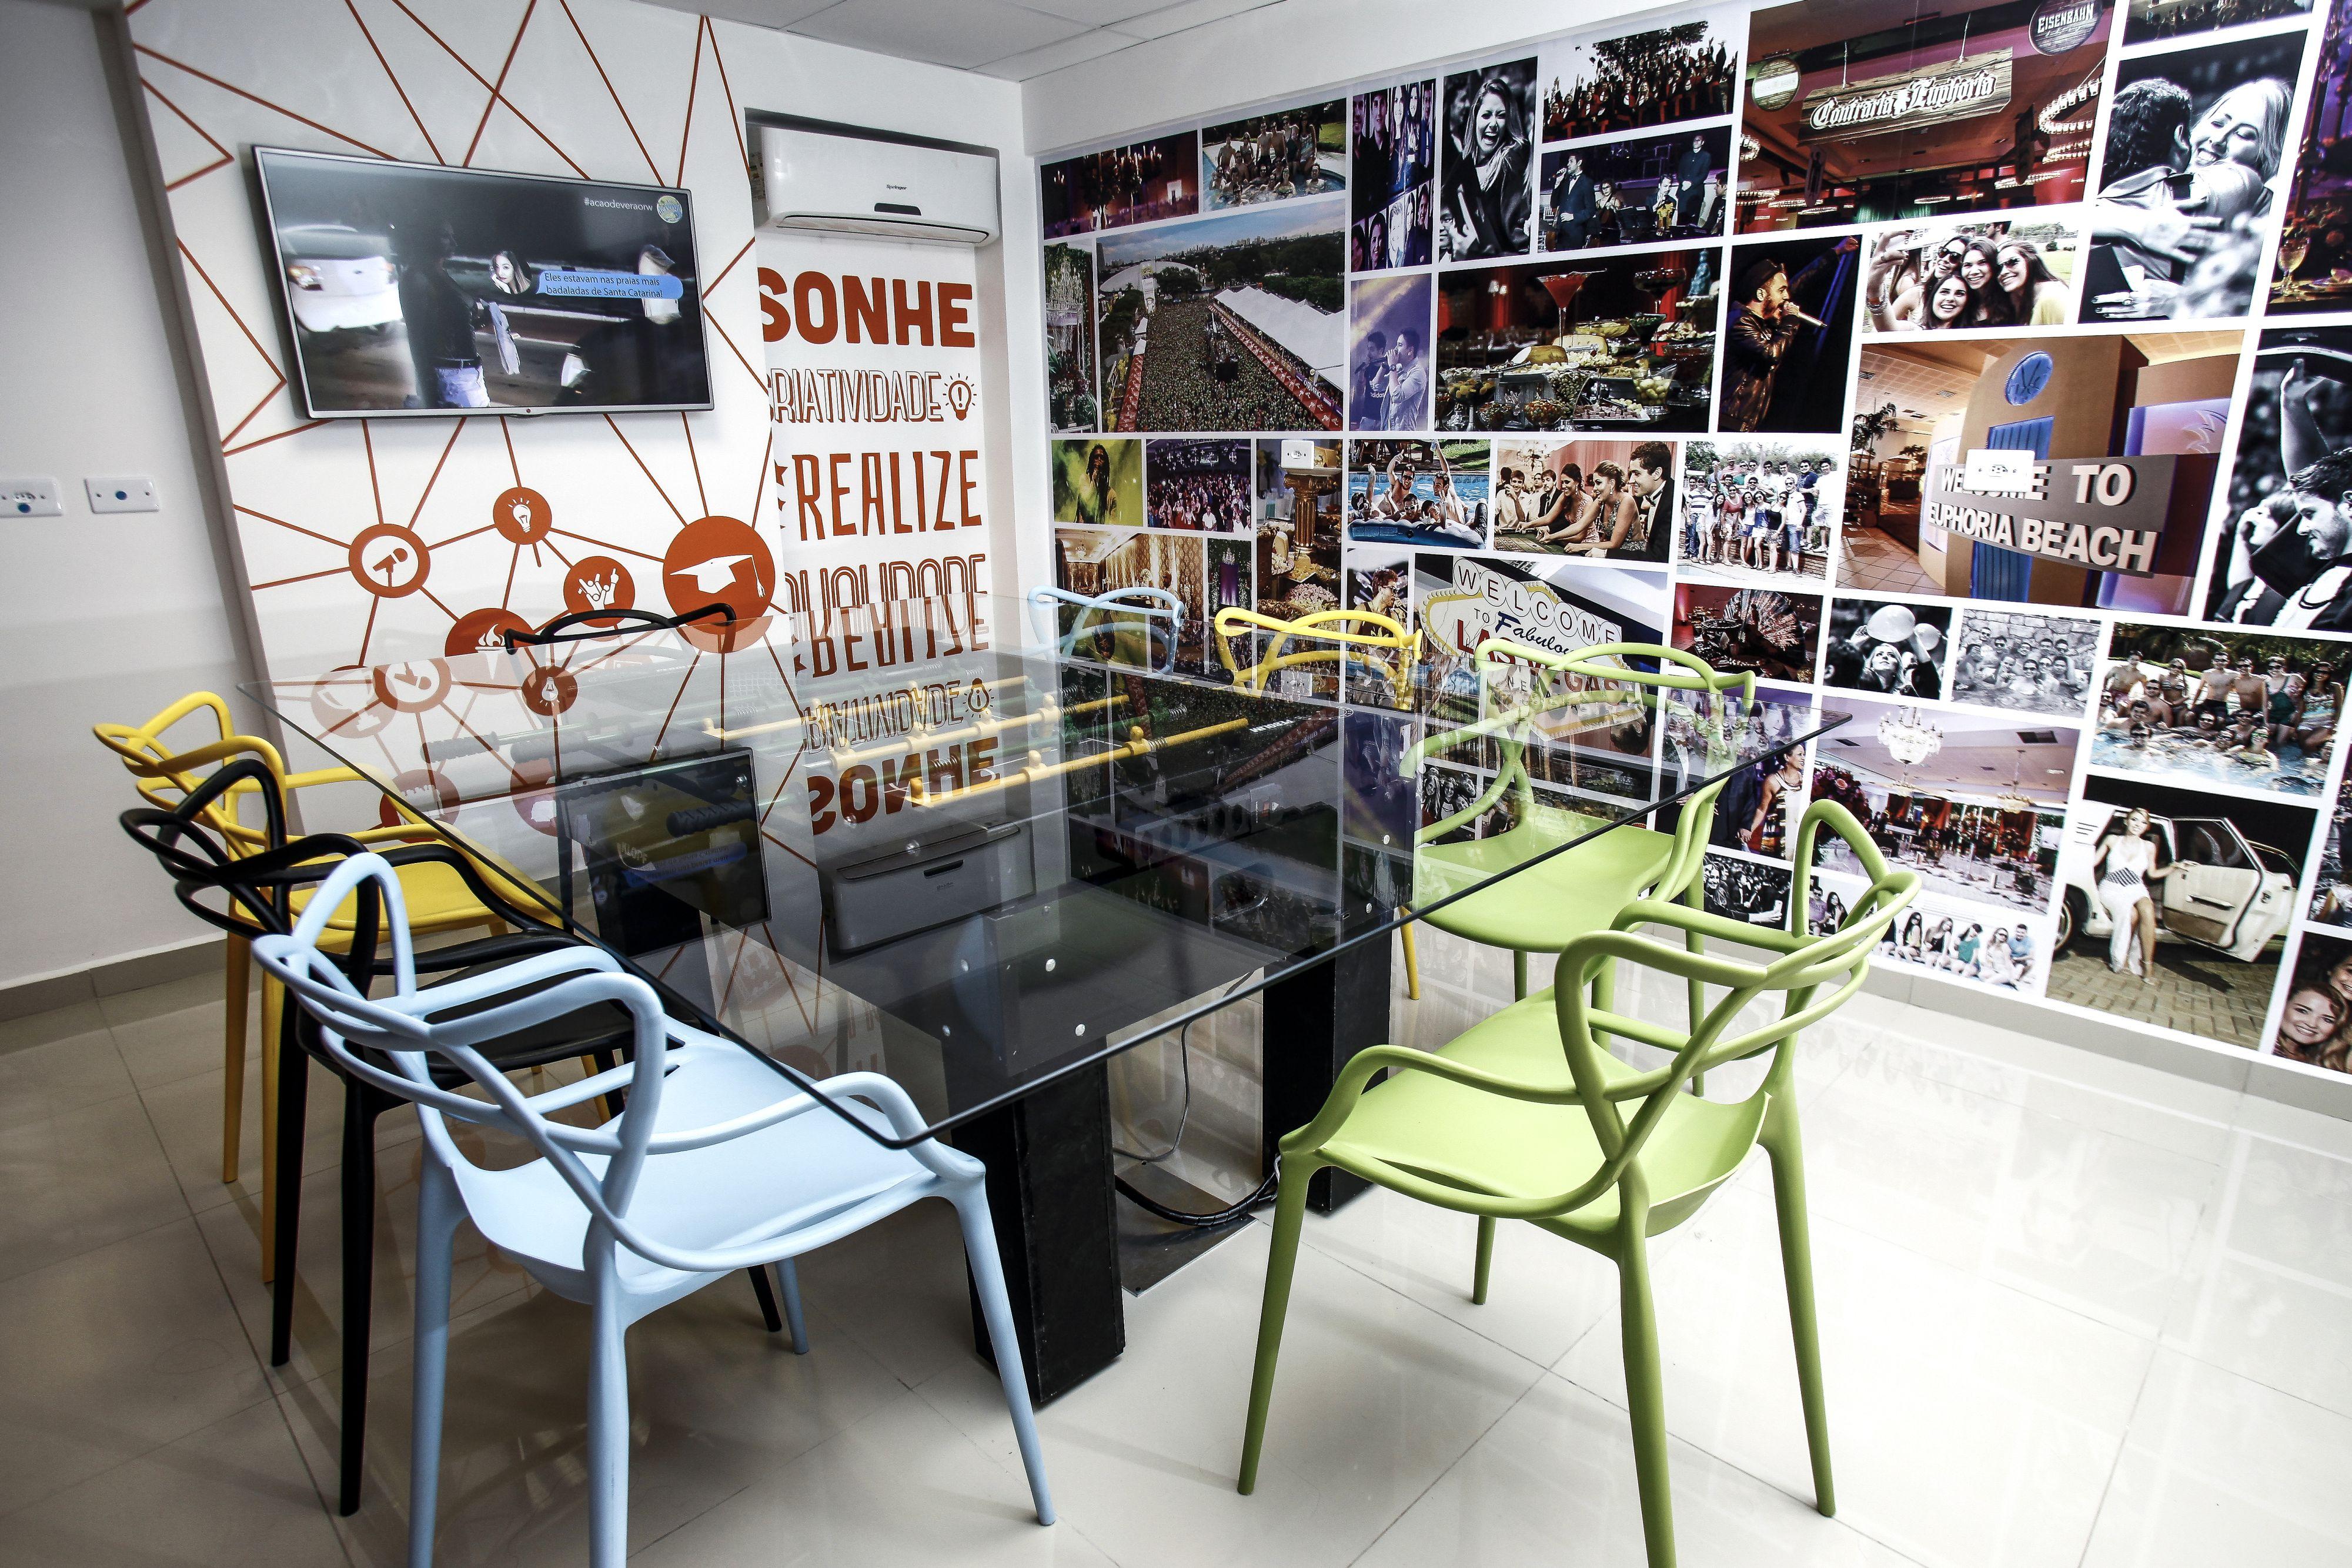 Sala de reunião com muita cor e interatividade no Grupo WDS. Fotos: André Rodrigues / Gazeta do Povo